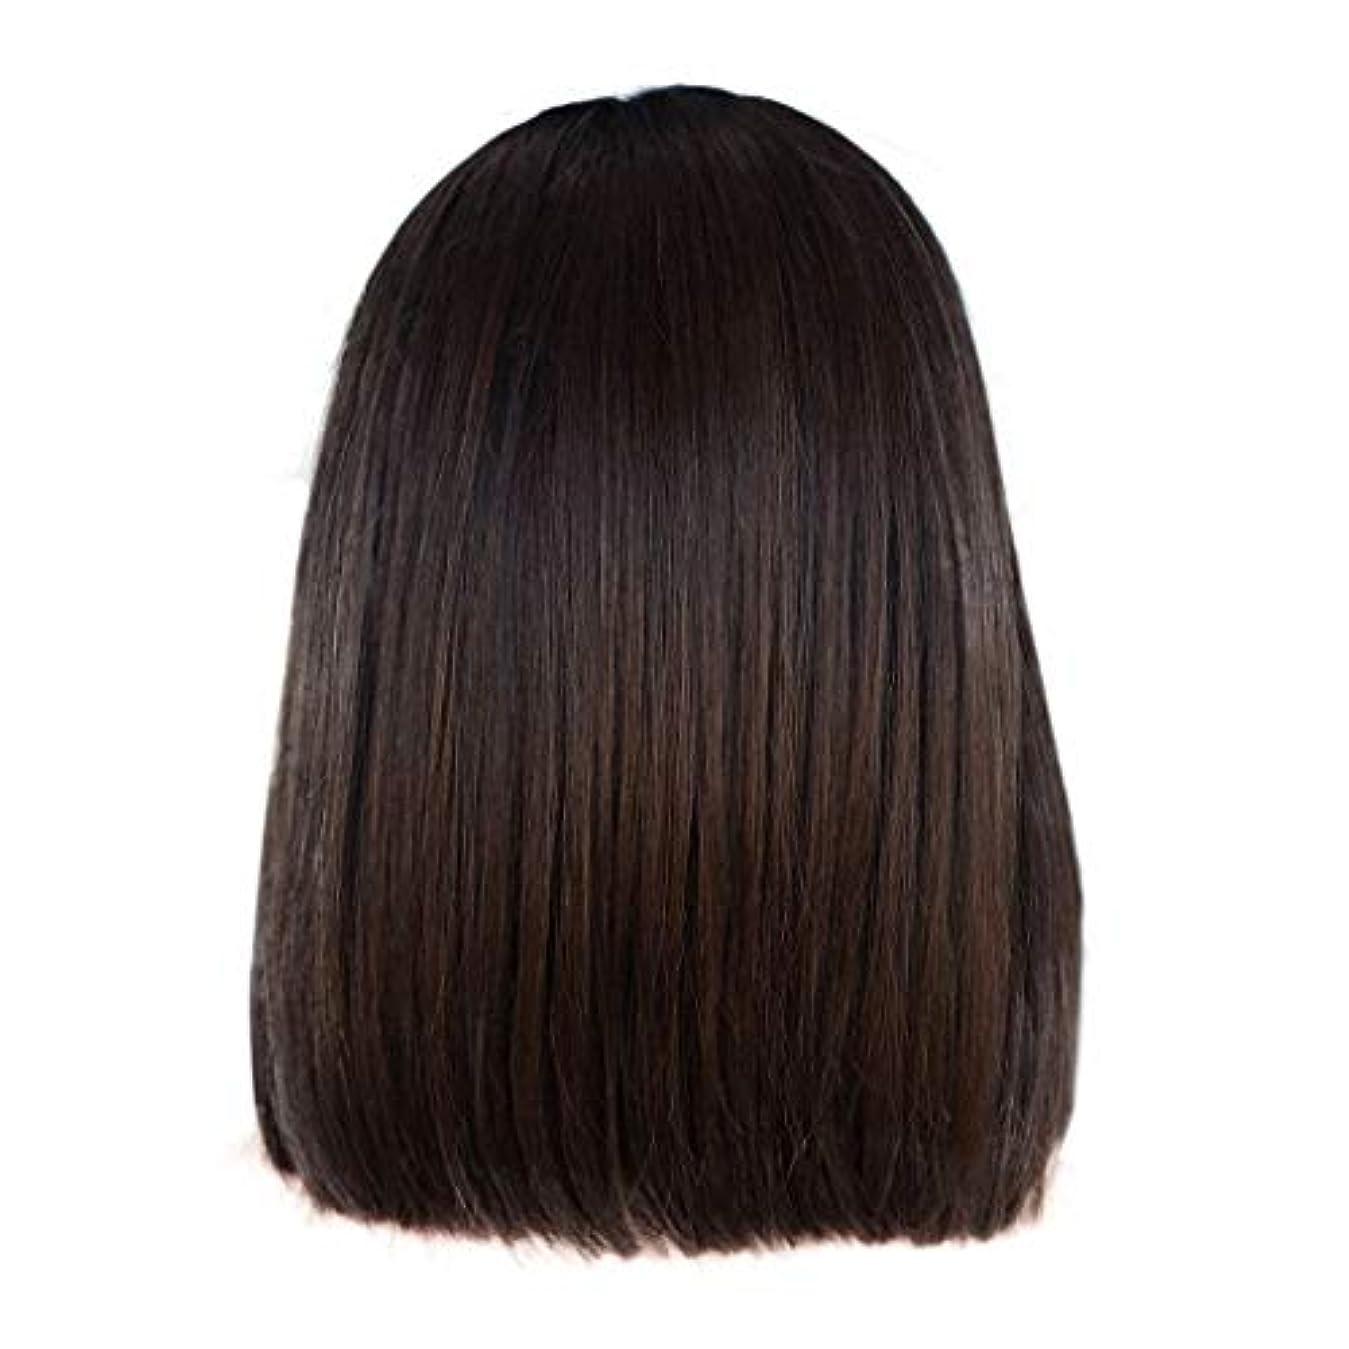 持つ出会い比類なきかつら女性の短いストレートヘアブラウンの化学繊維のフロントレースかつら14インチ